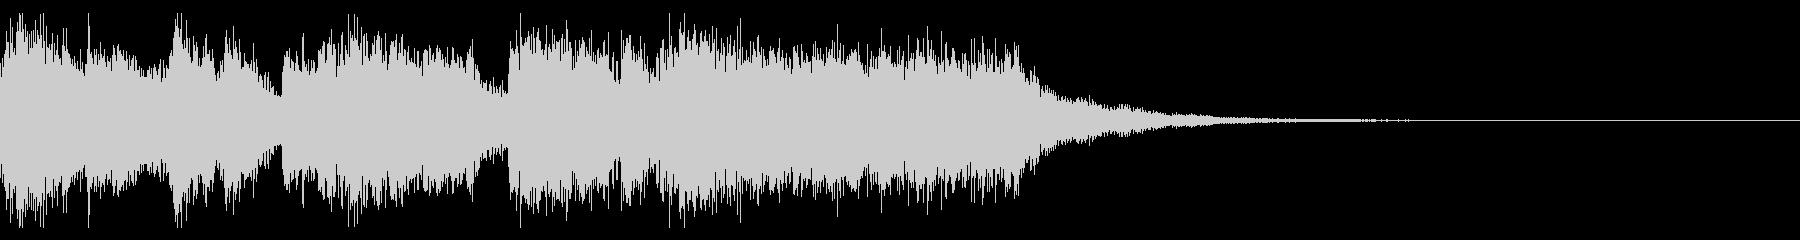 ファンファーレ_03の未再生の波形